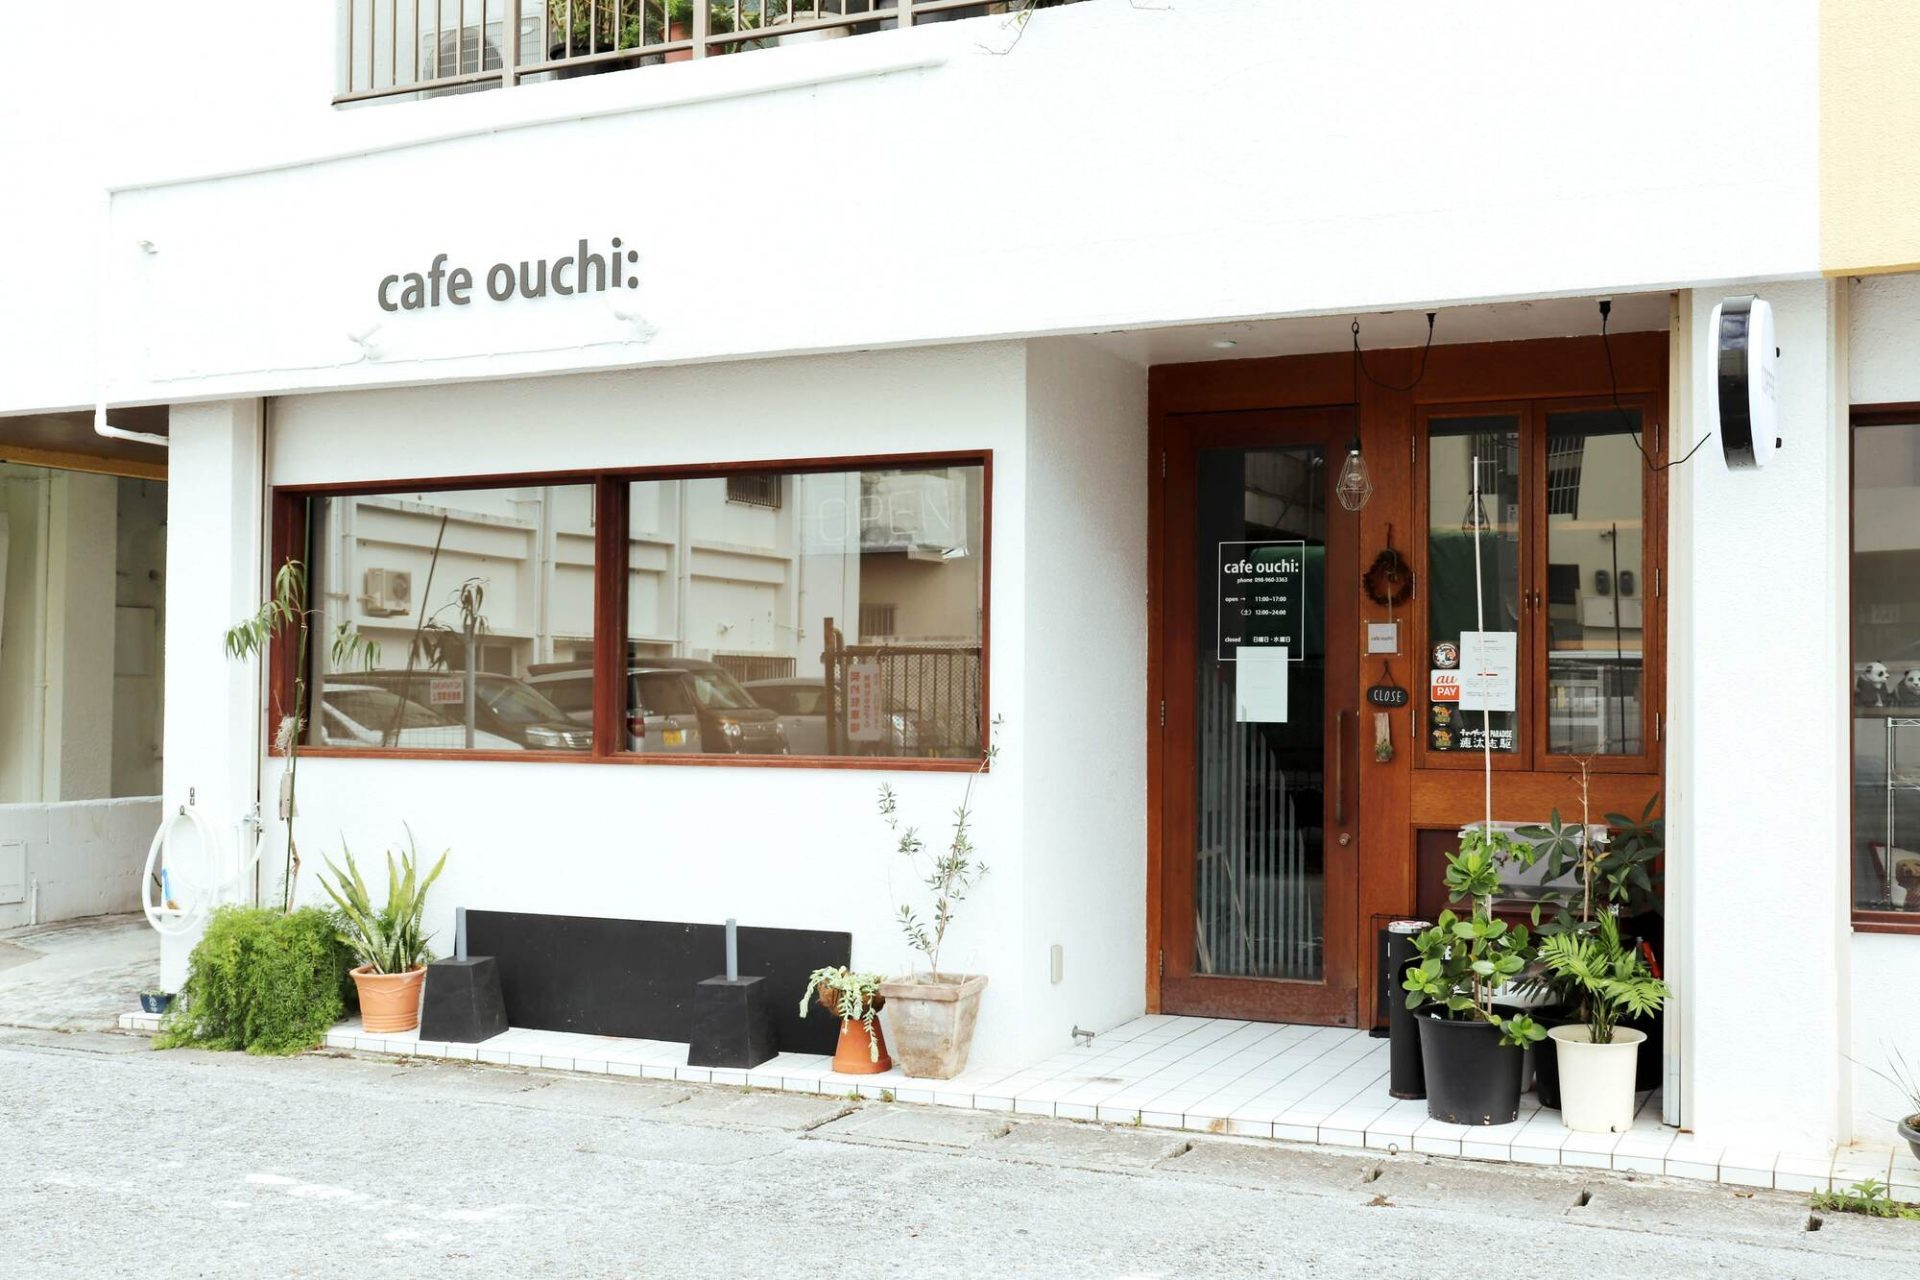 沖縄市のグルメスポット②「cafe ouchi:」